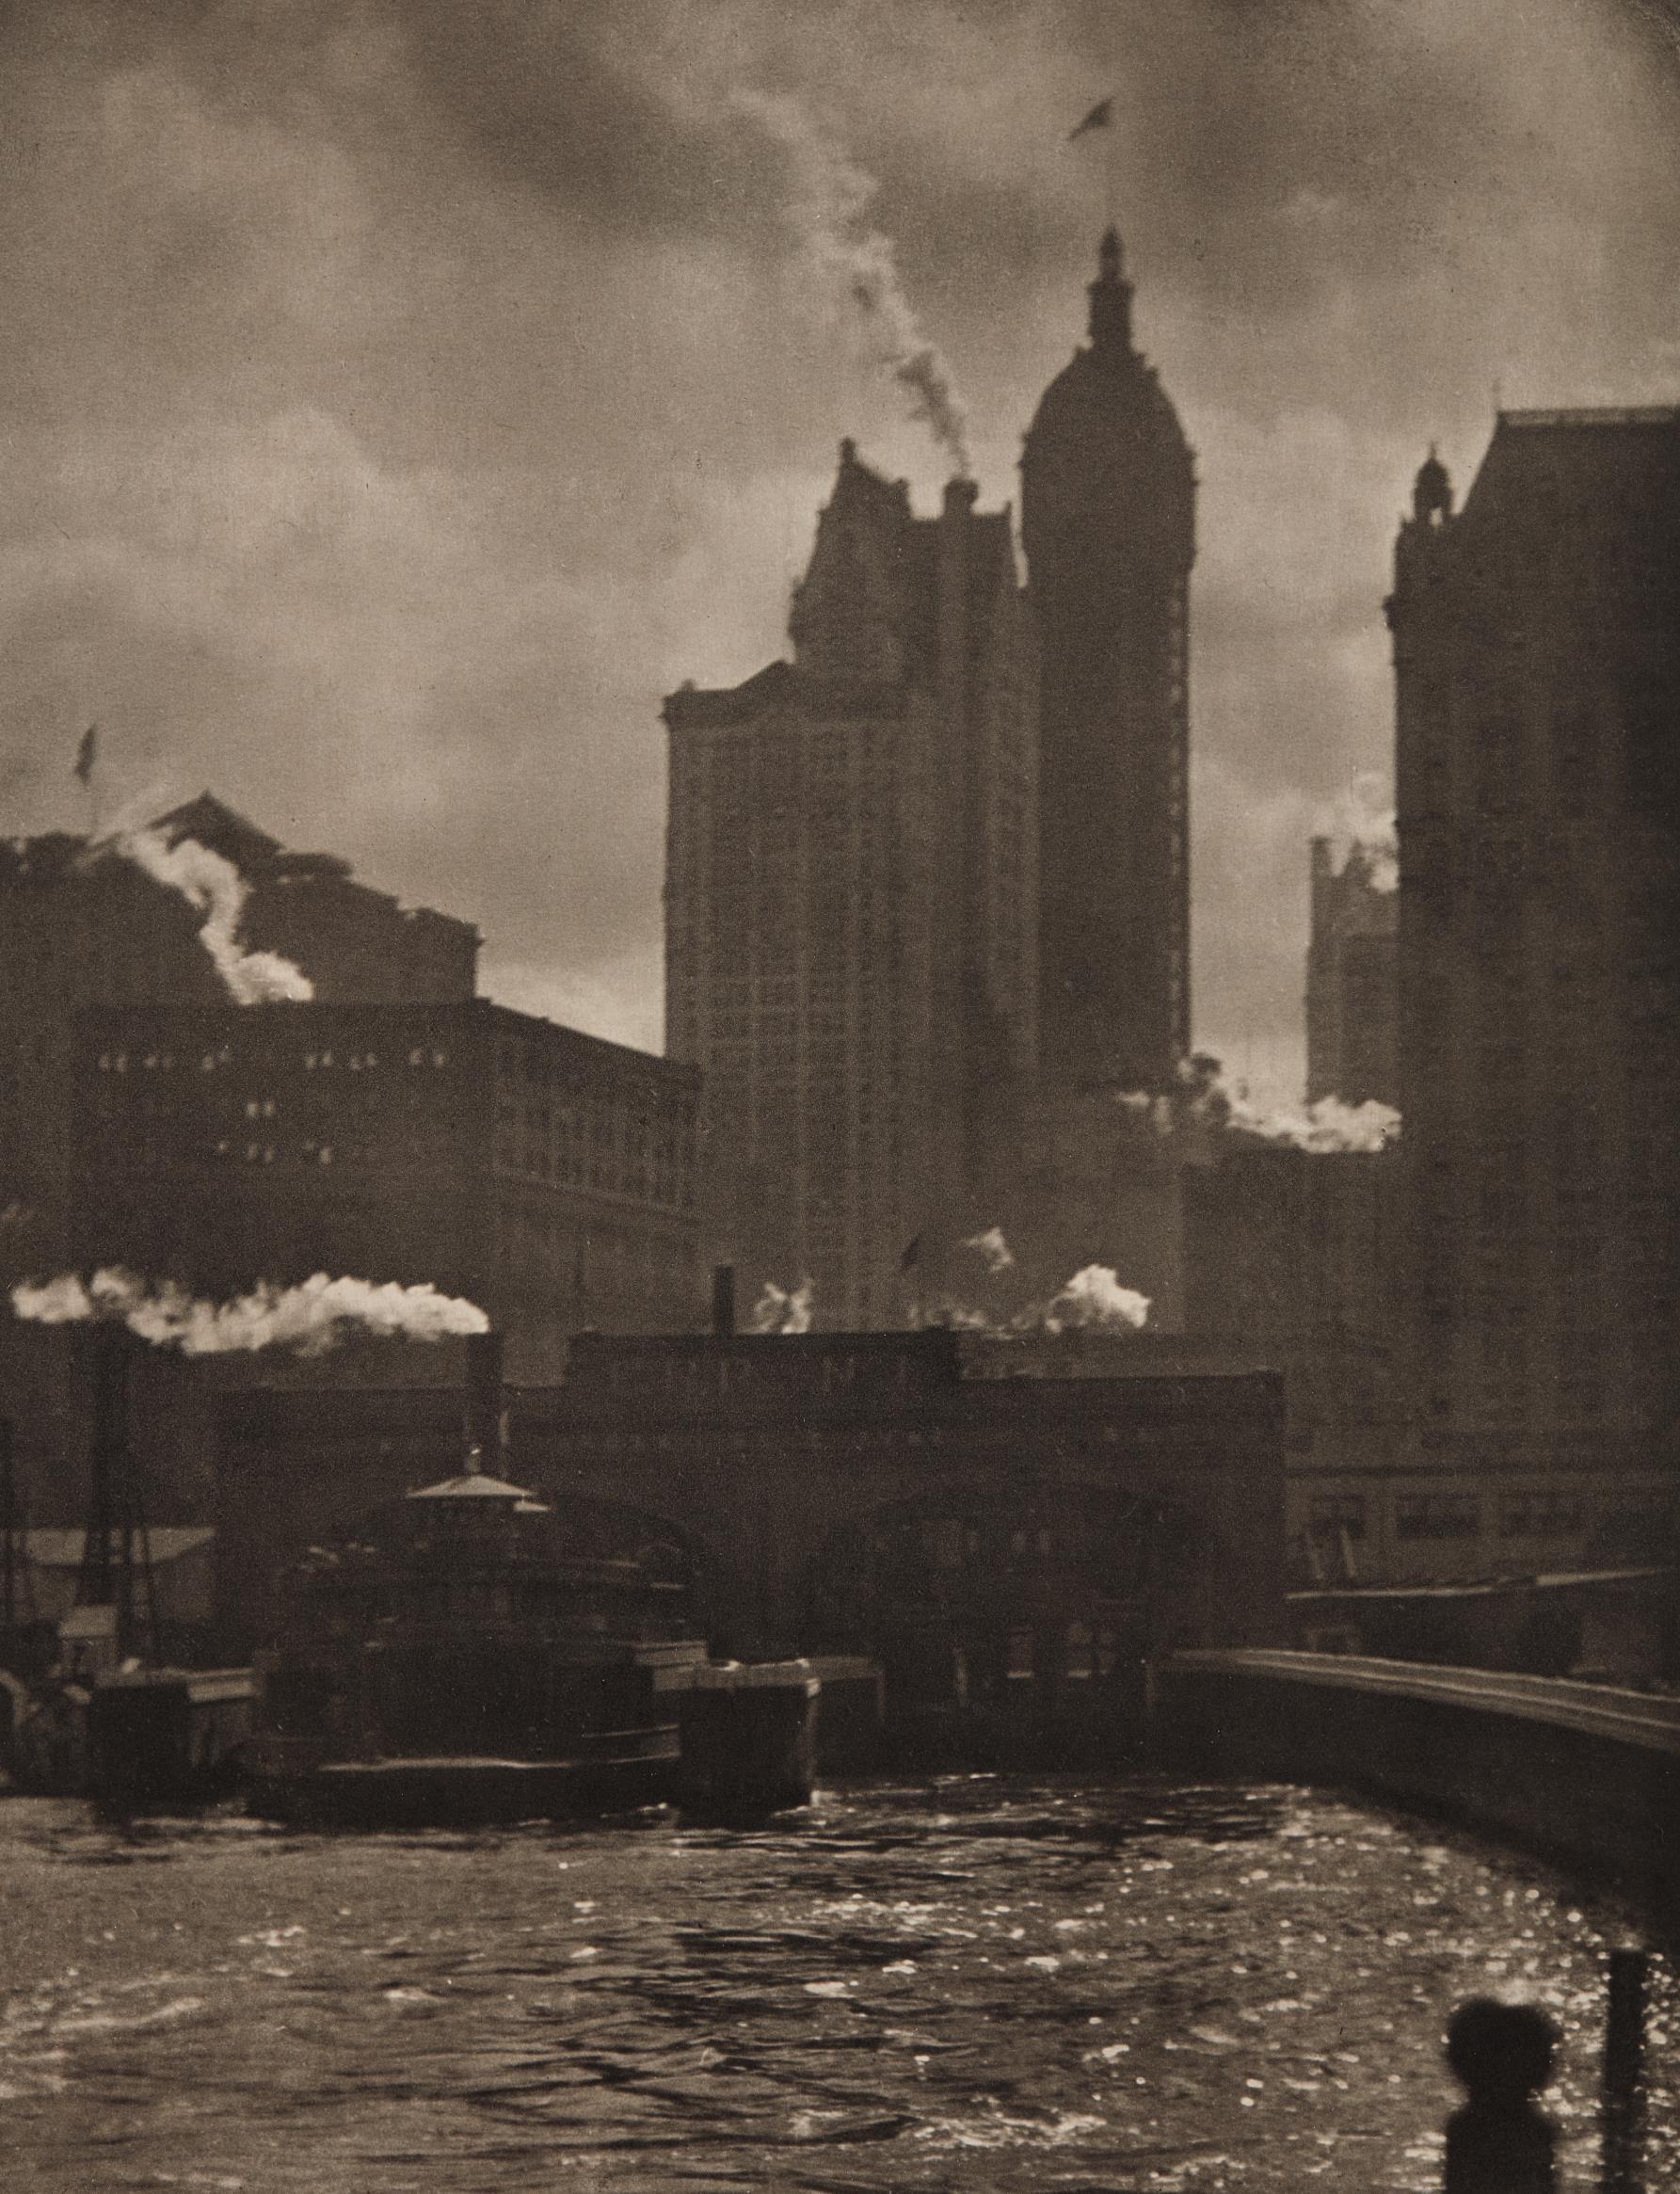 Alfred Stieglitz-The City of Ambition-1910